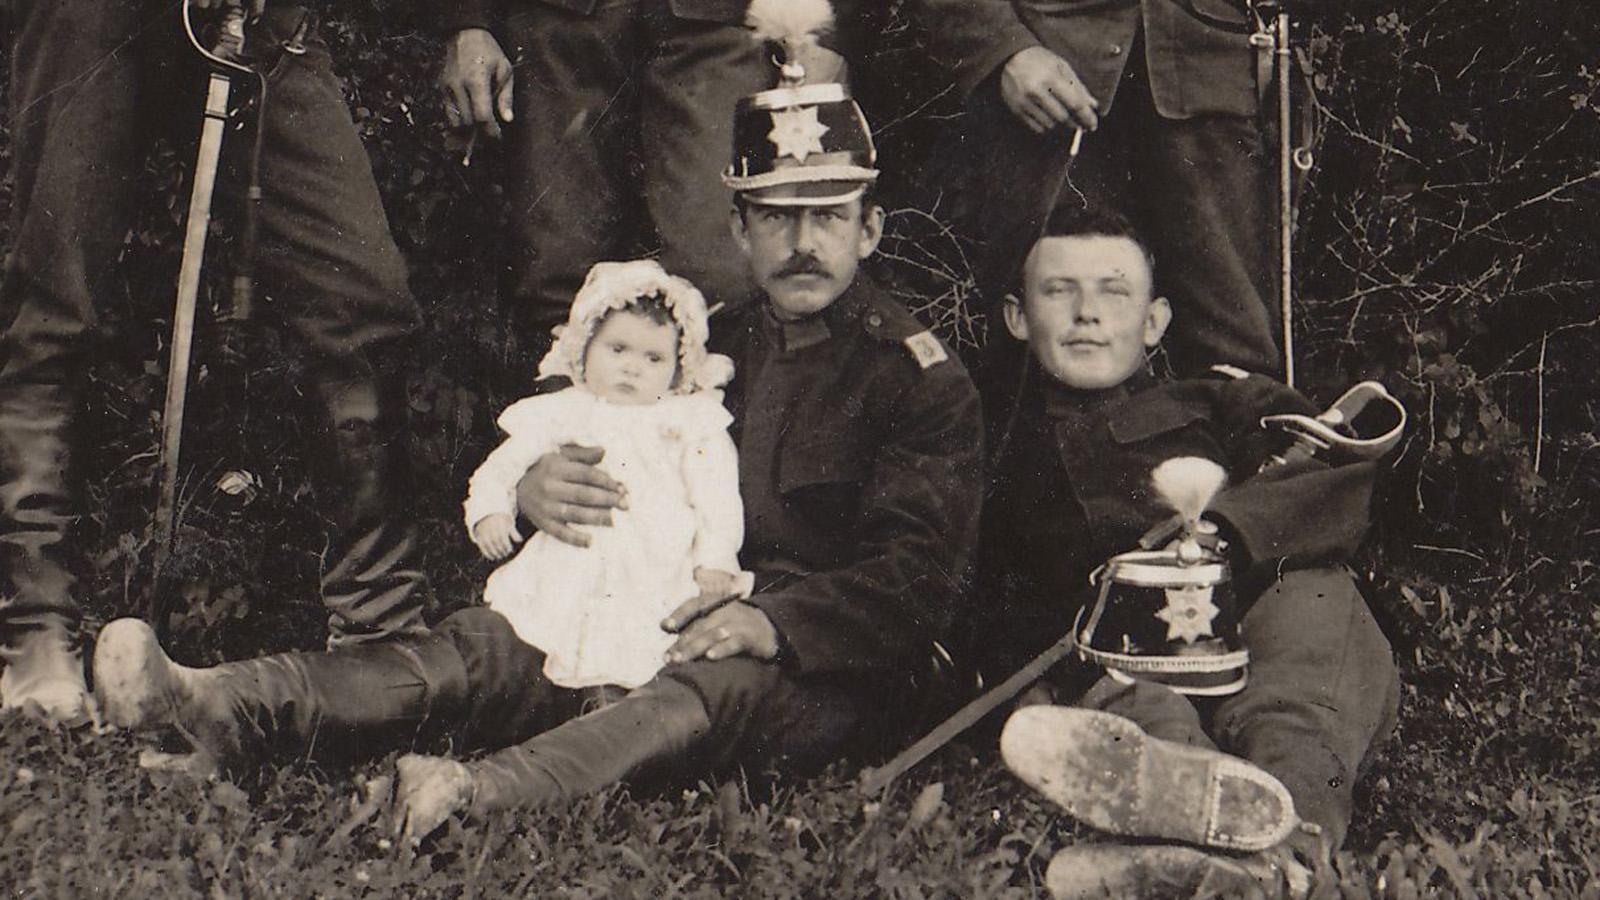 ohne-jahr-ch-soldaten-mit-baby-detail.jpg